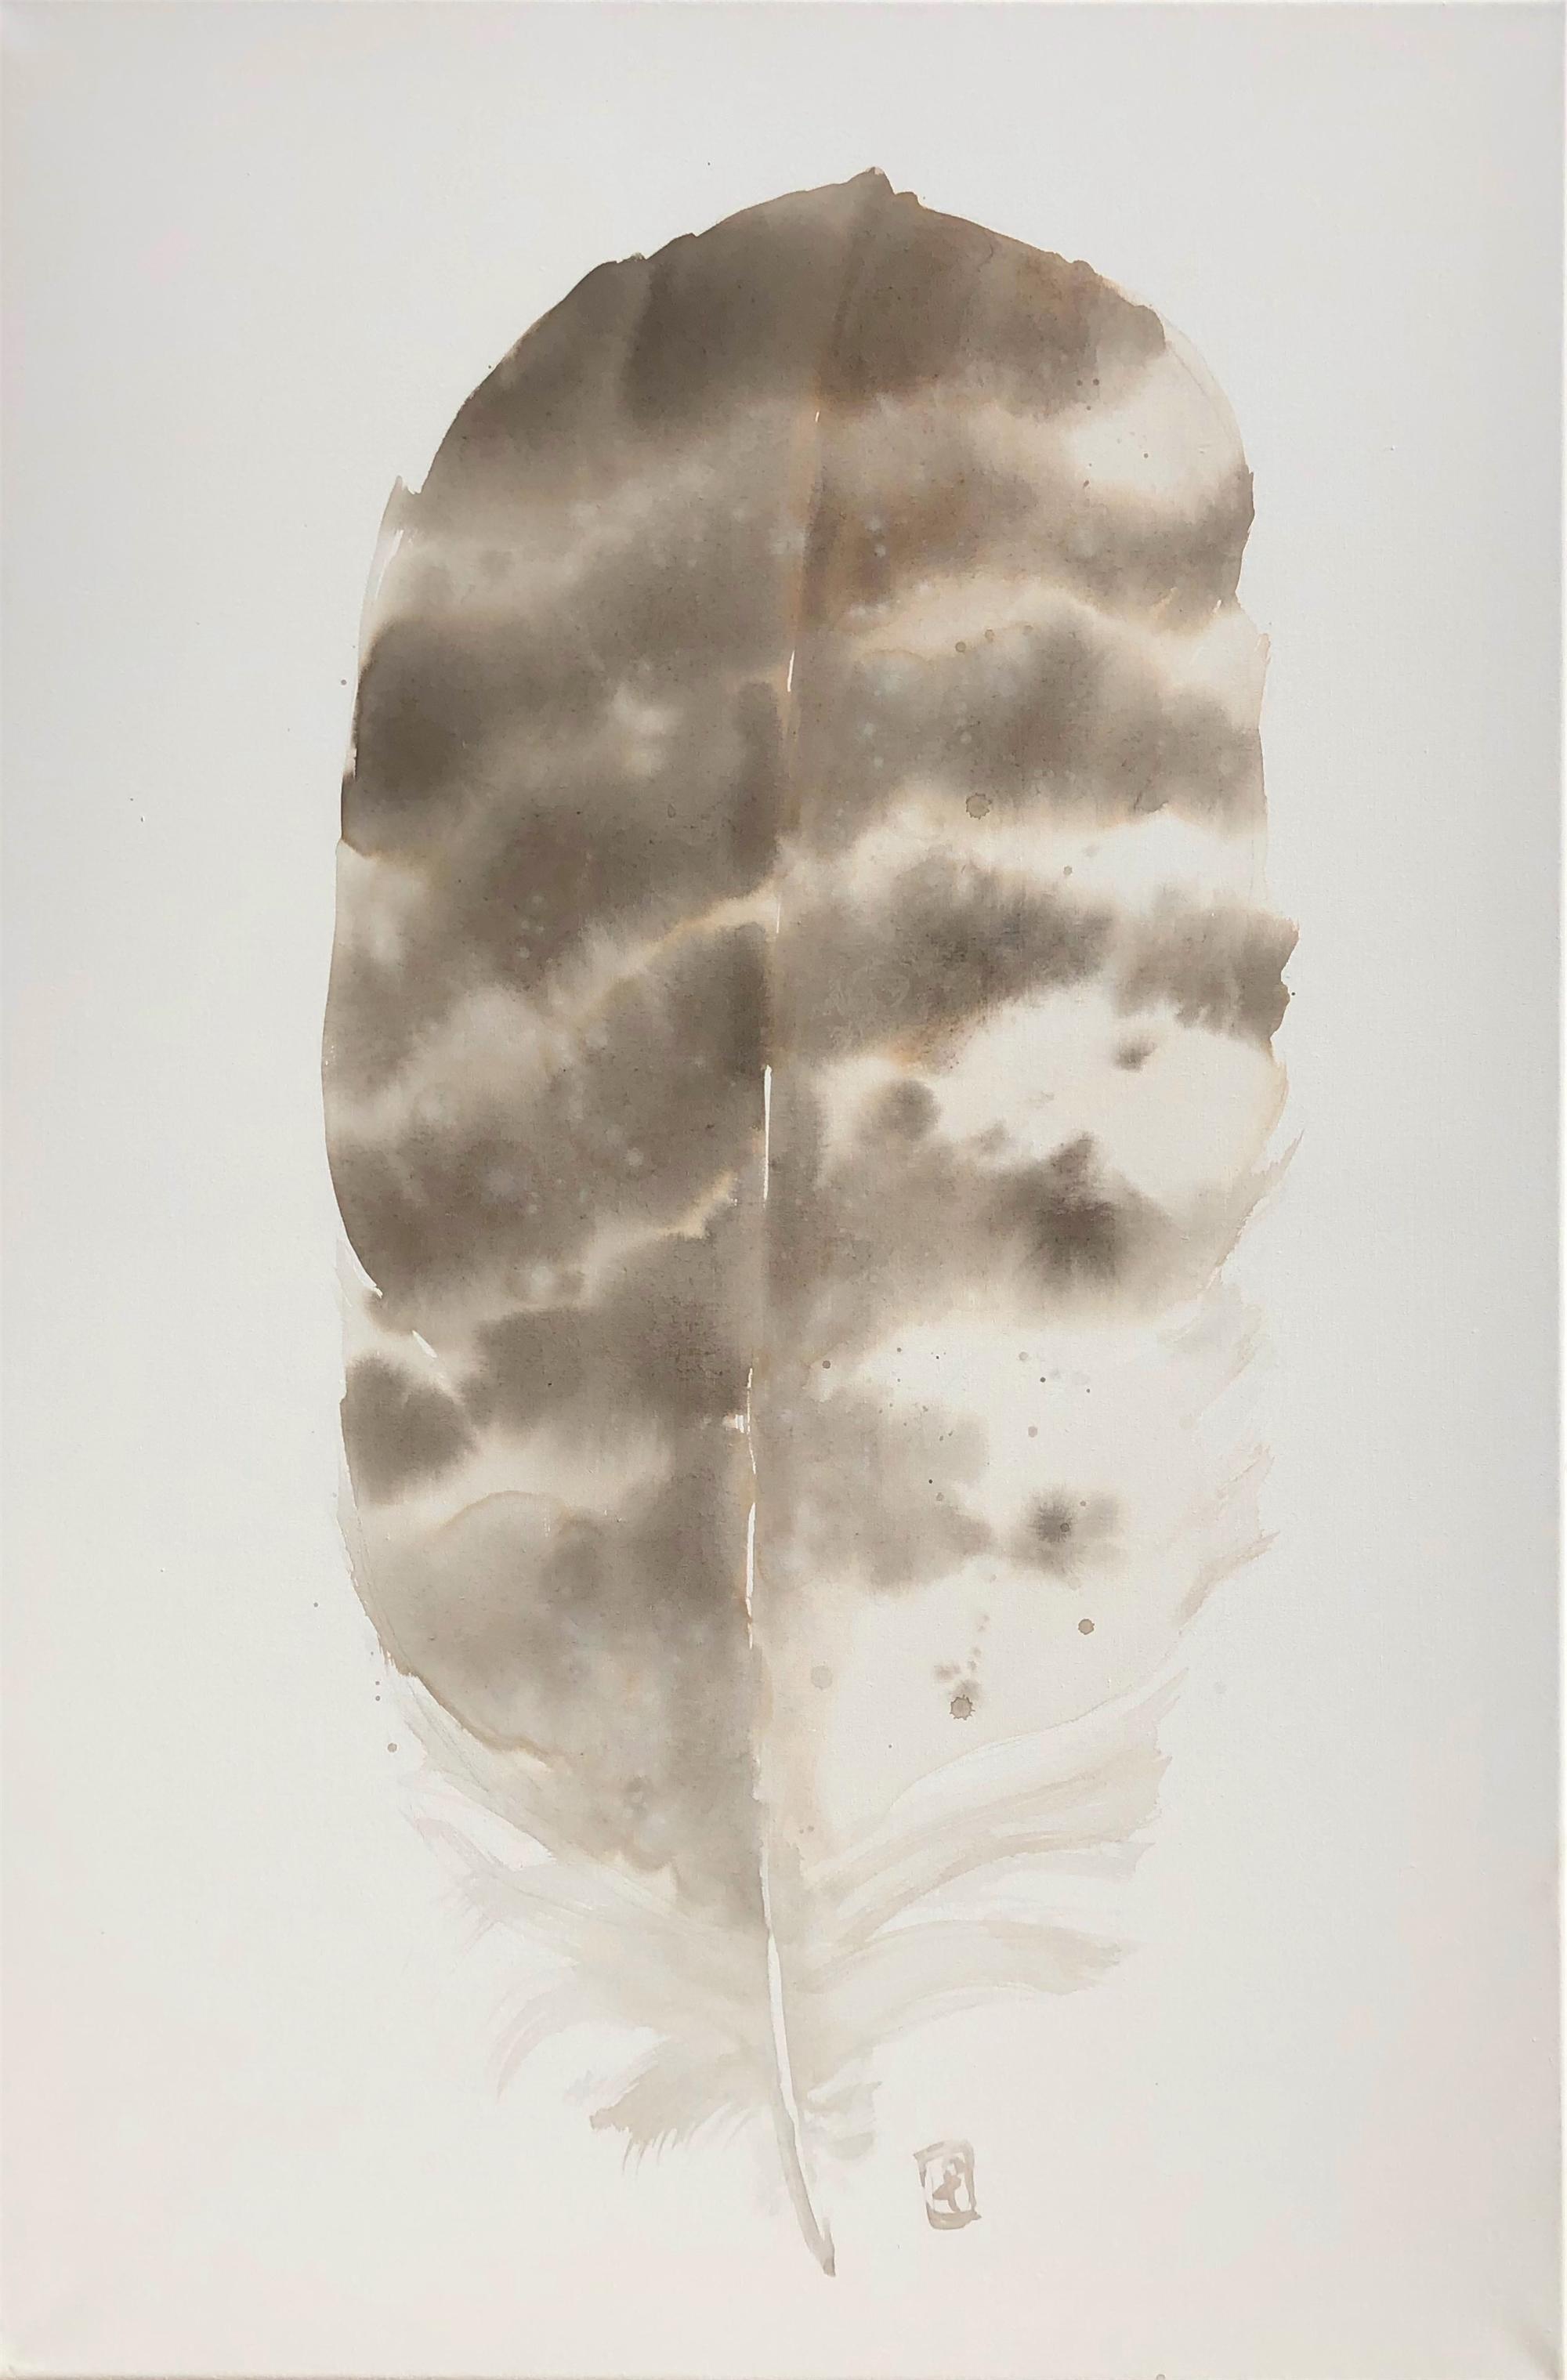 Smoky Pinion I by Laura Roebuck